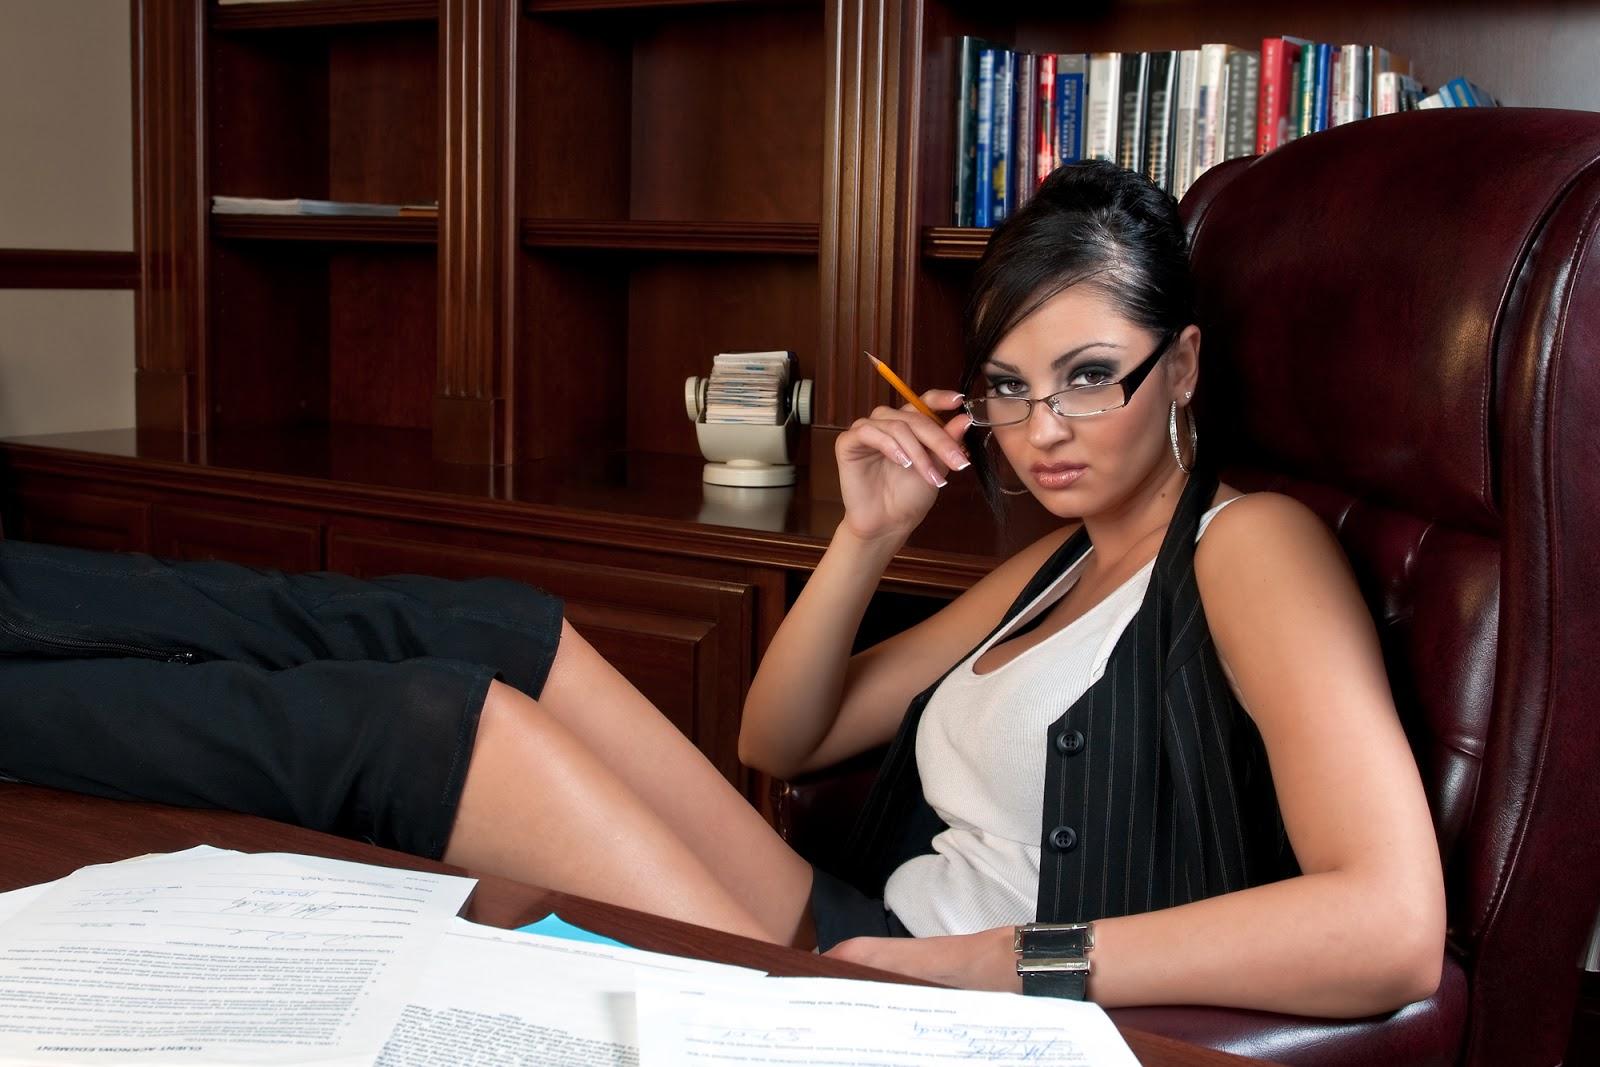 Рассказ шеф и секретарша, Лариса Маркиянова. Секретарша босс (рассказ) 7 фотография